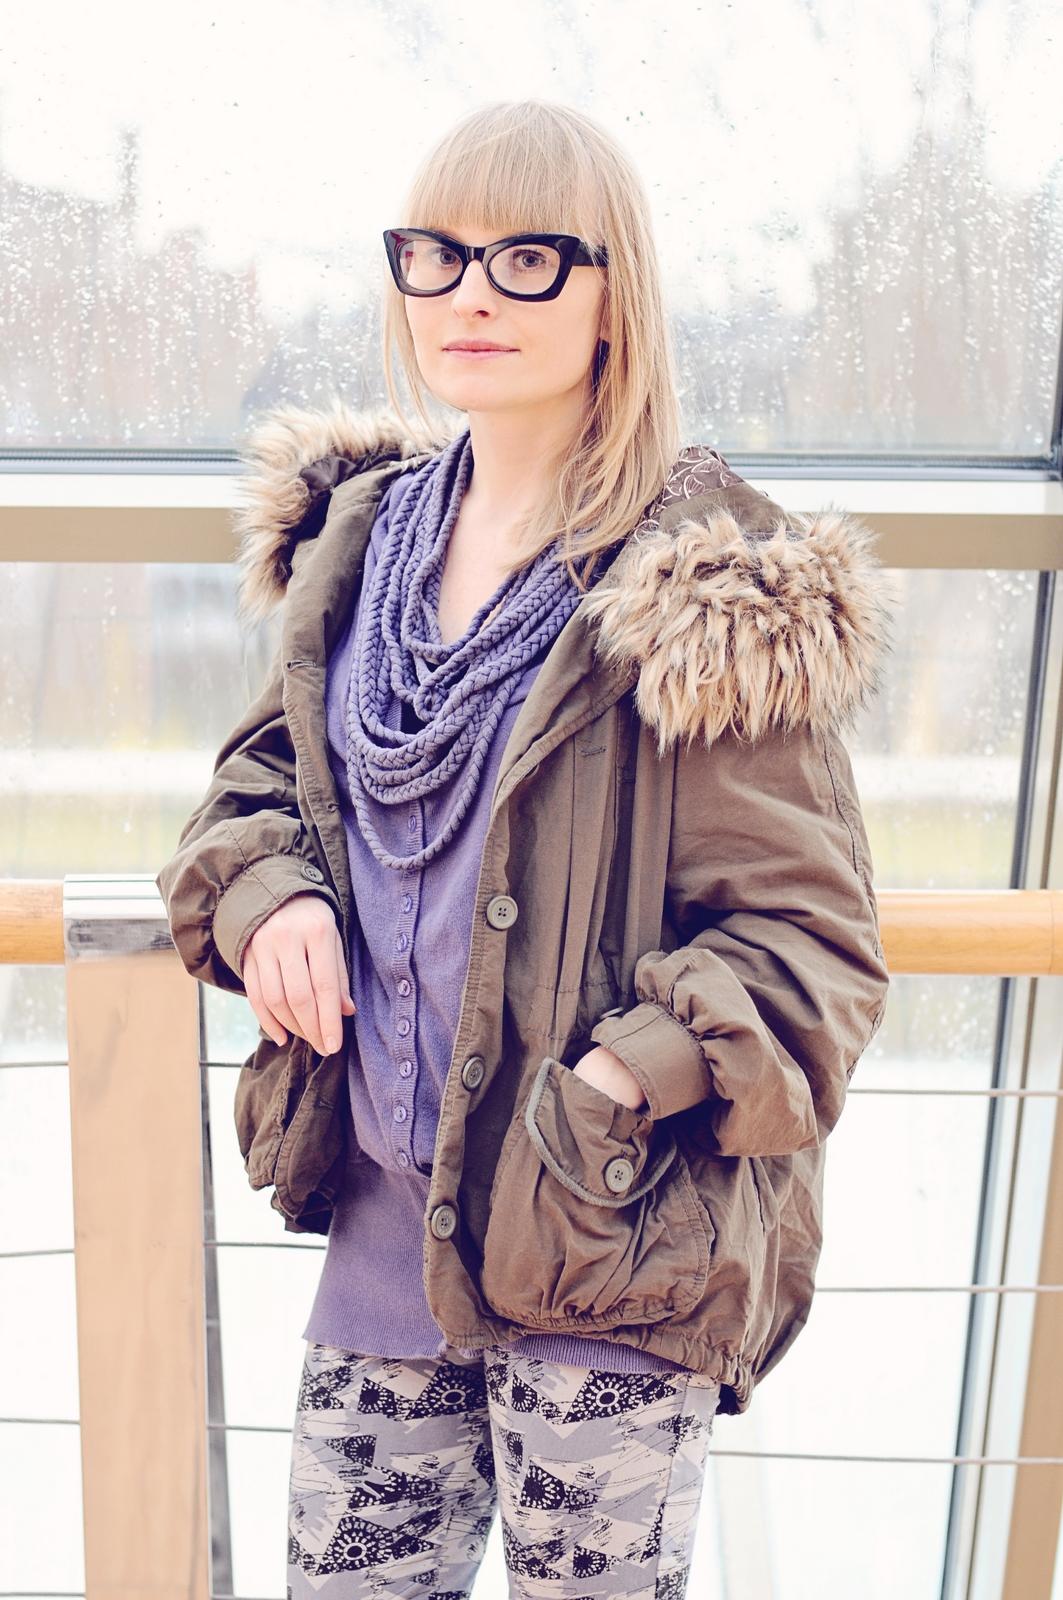 fashion by fashion art media